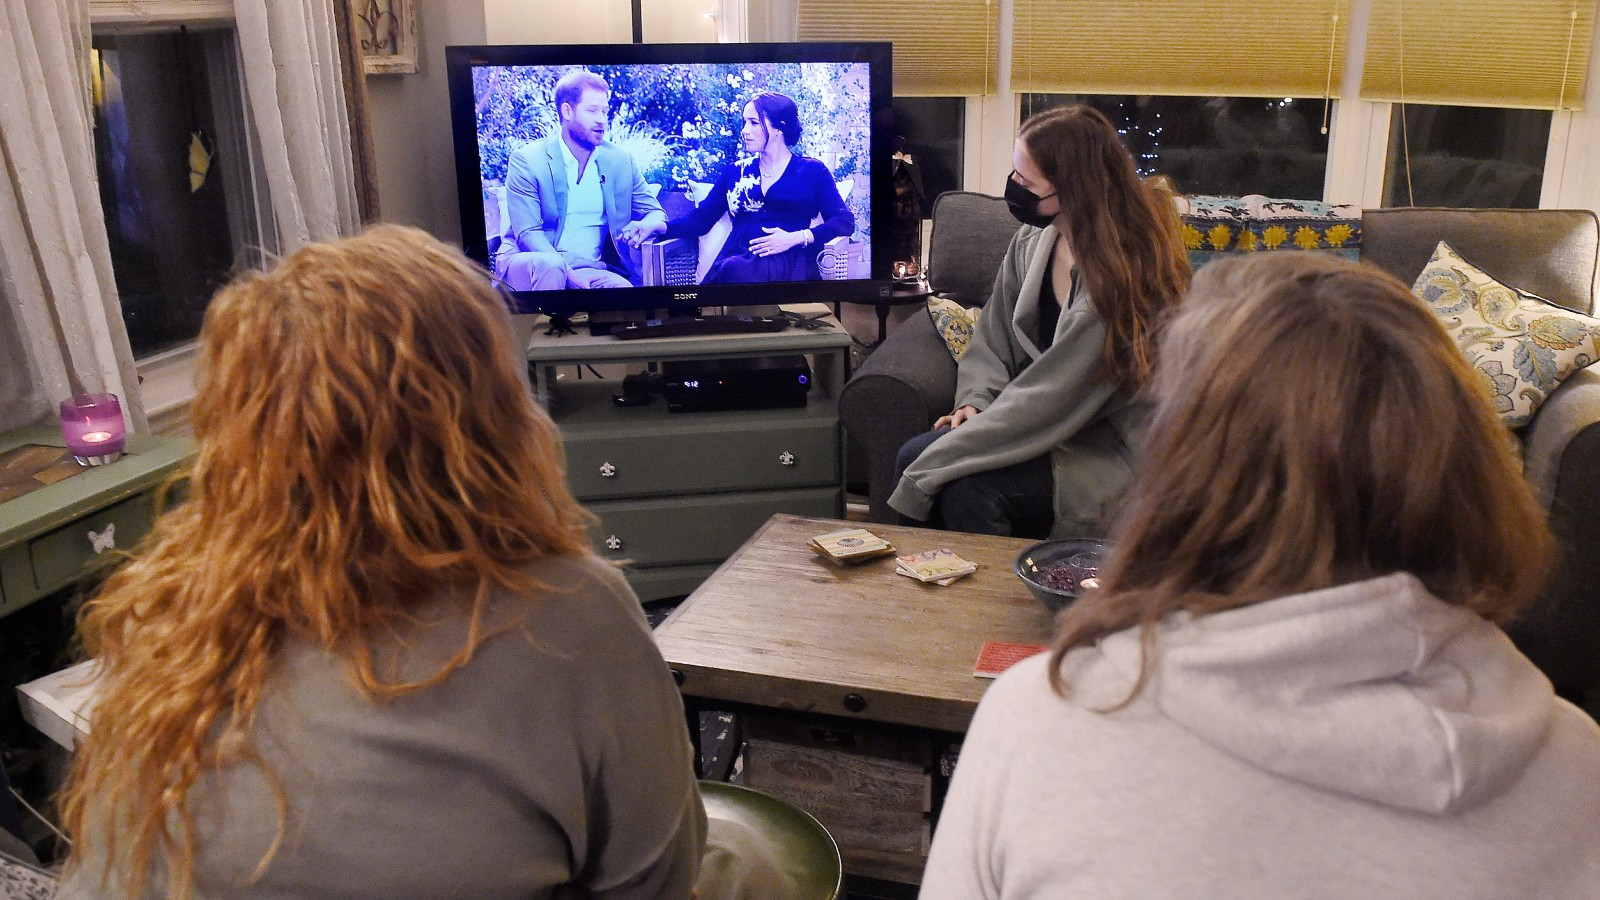 Le Prince Harry et Meghan à la télévision sous le regard des gens à la maison.